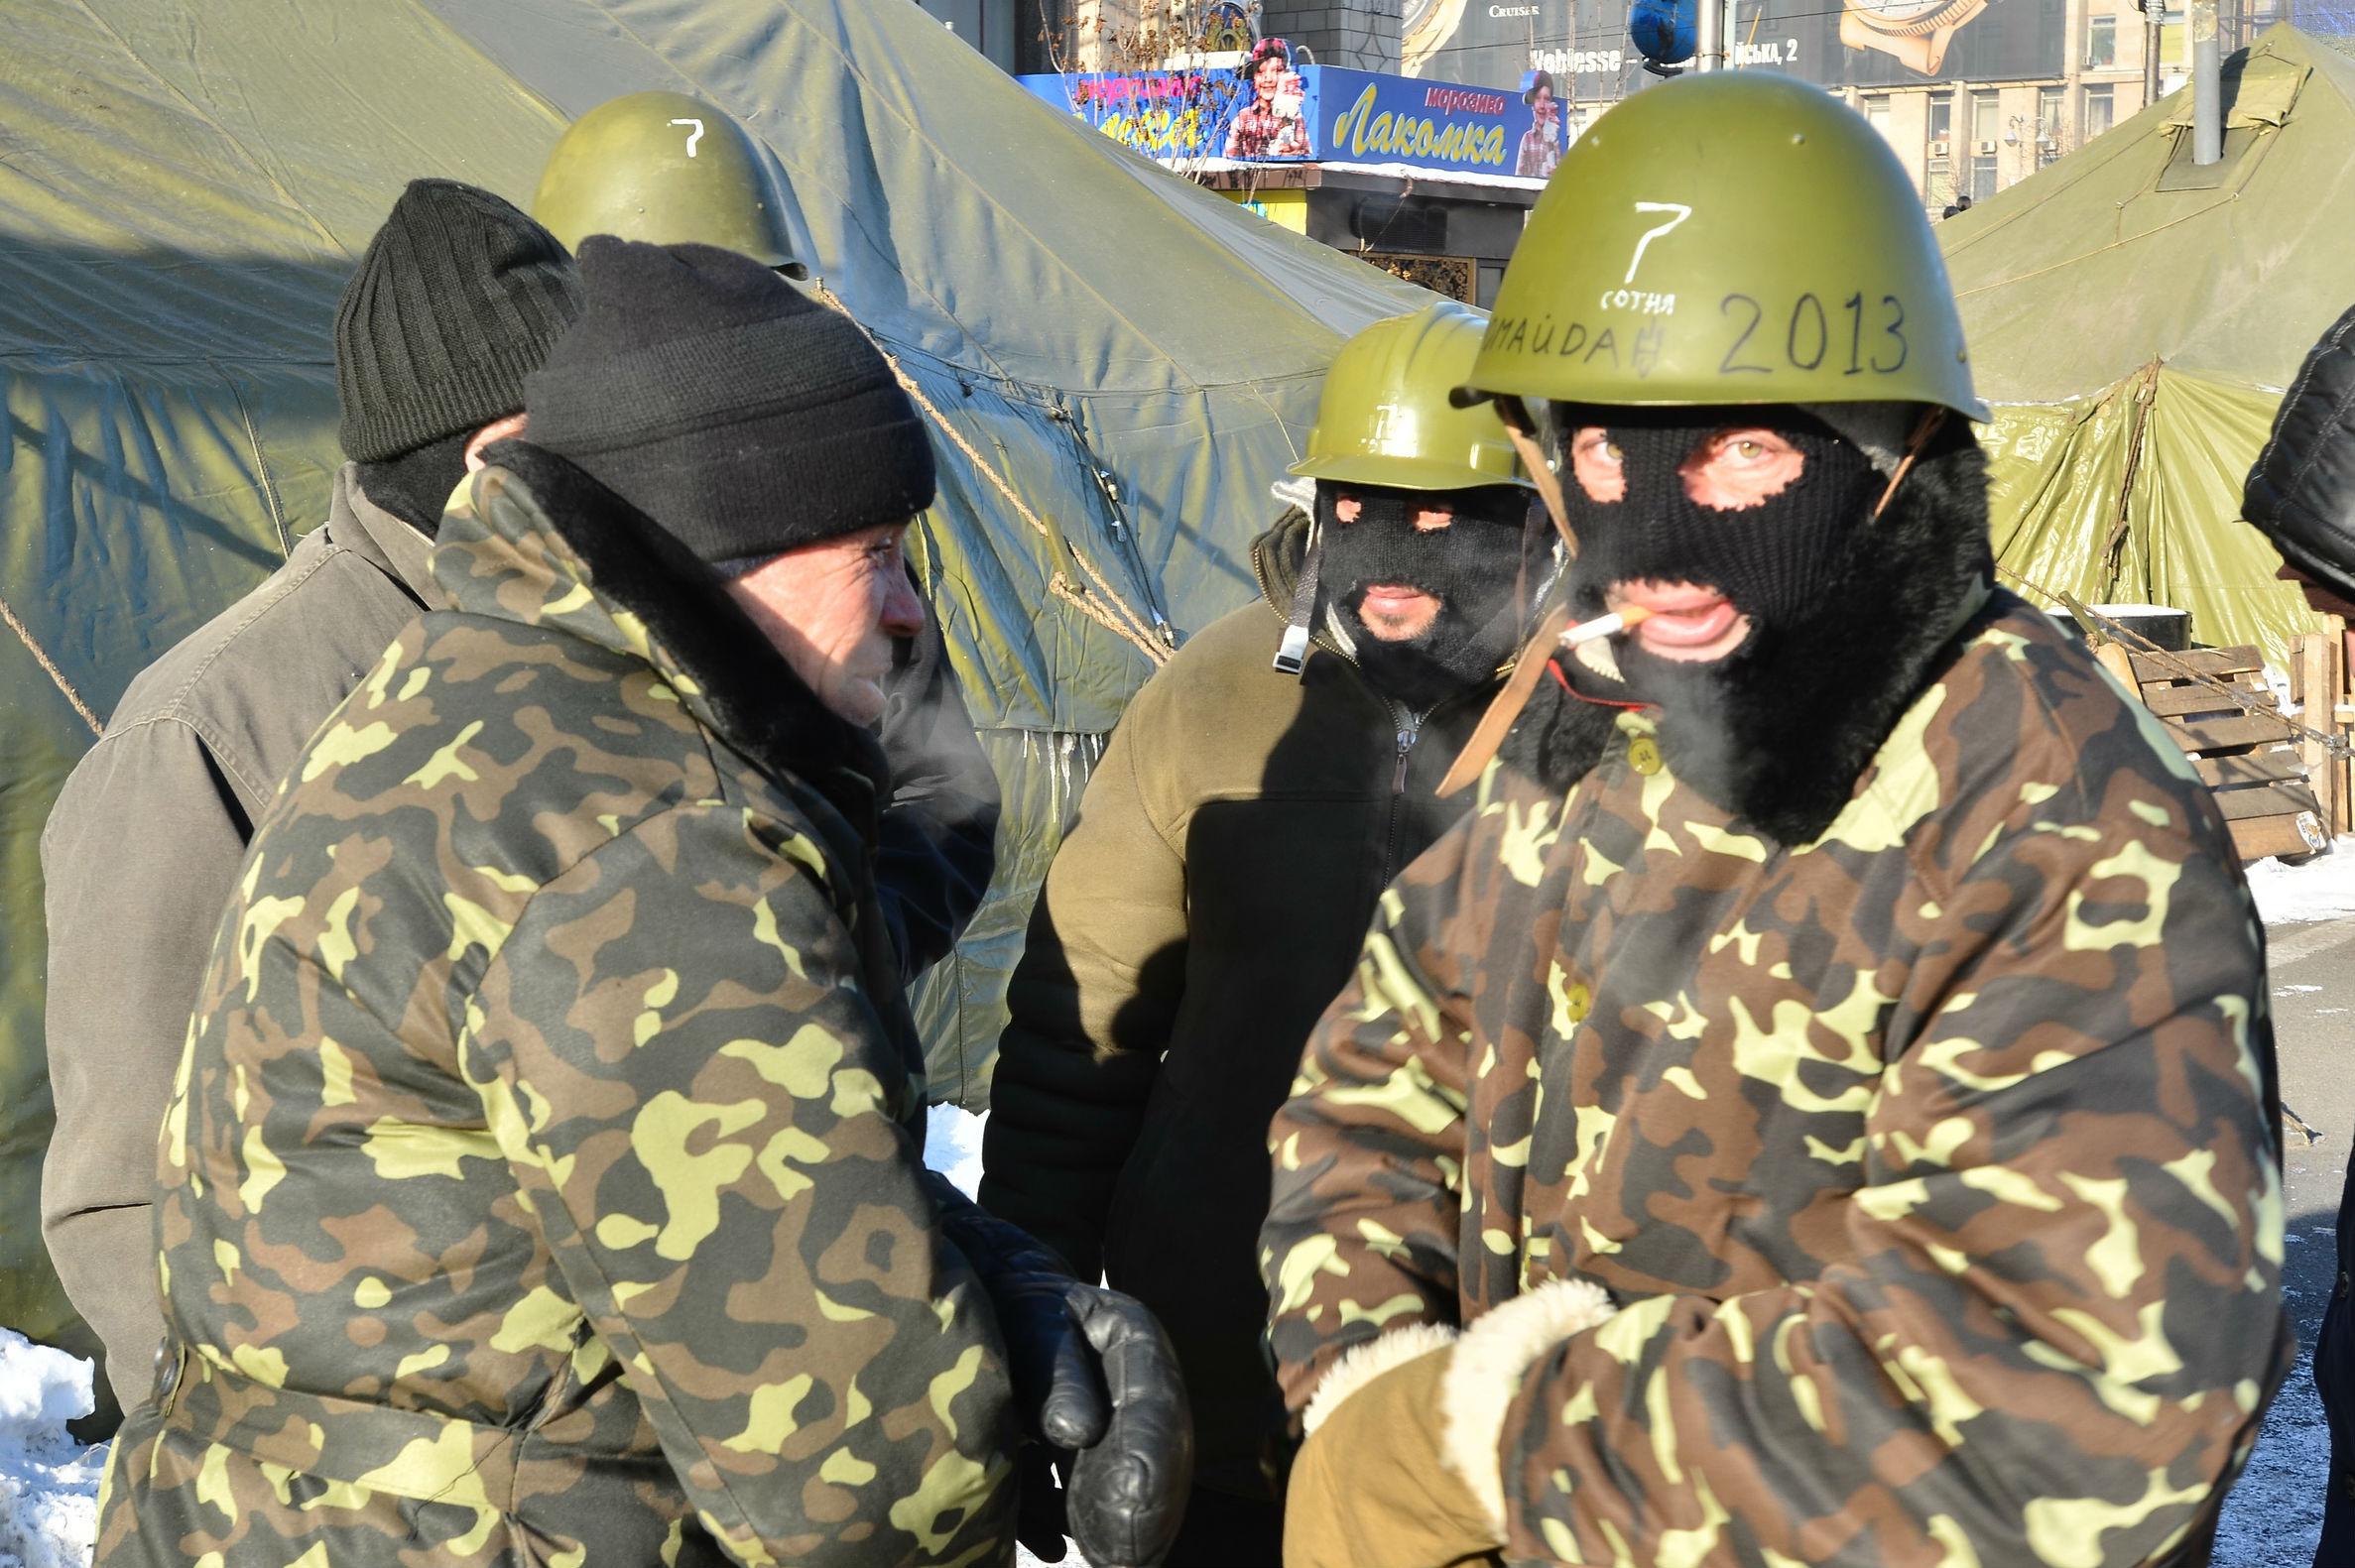 Два года назад власти незалежной решали, может ли Киев сохранить Крым и стоит ли Украине начинать войну с Россией. Фото: Янсонс Оскар